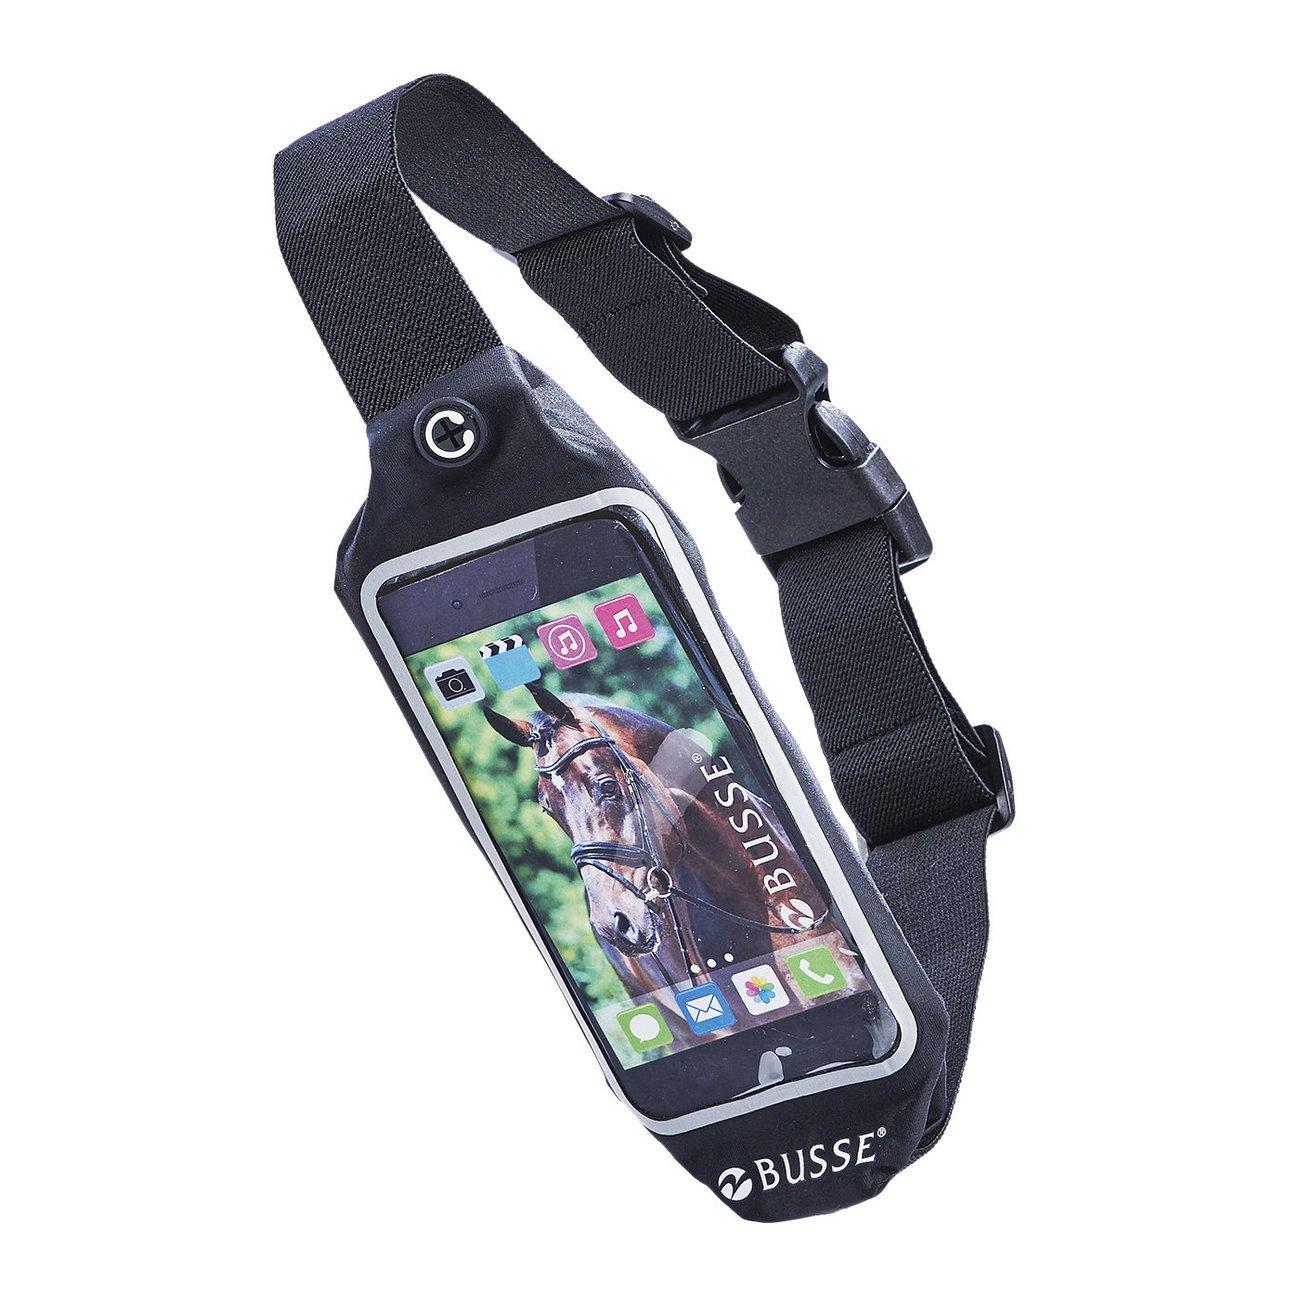 BUSSE Gürteltasche Mobile, schwarz